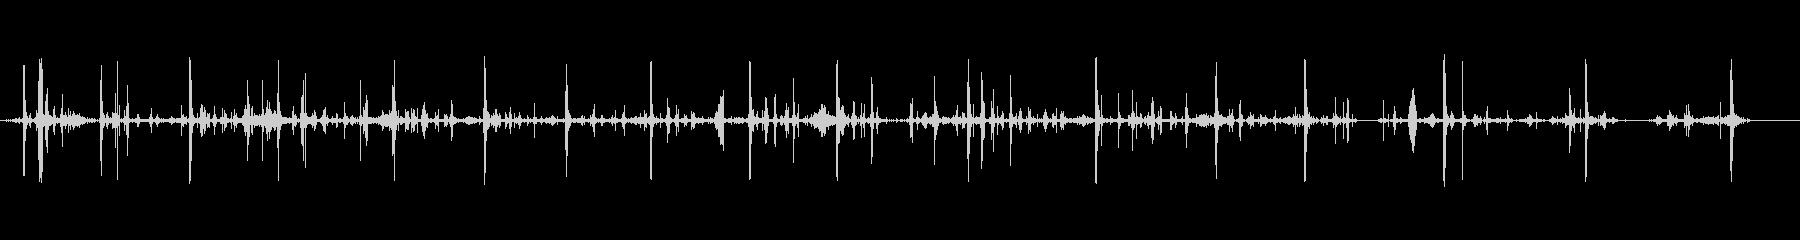 ピッキング、アースおよびグレーベル...の未再生の波形